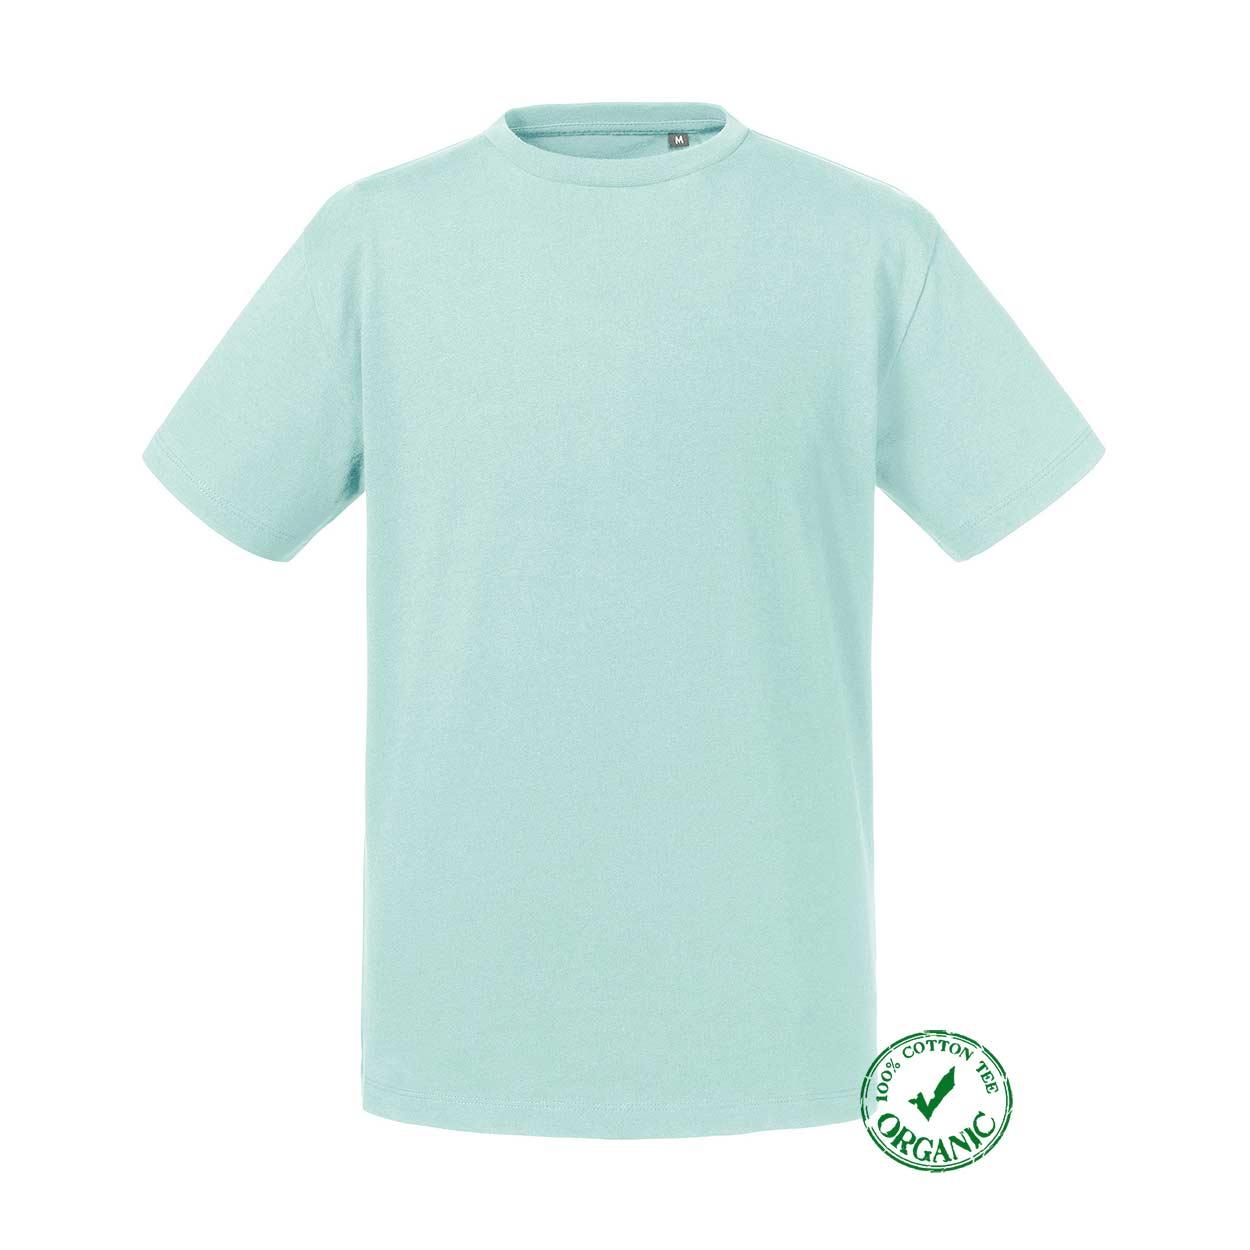 T-shirt Criança Belém